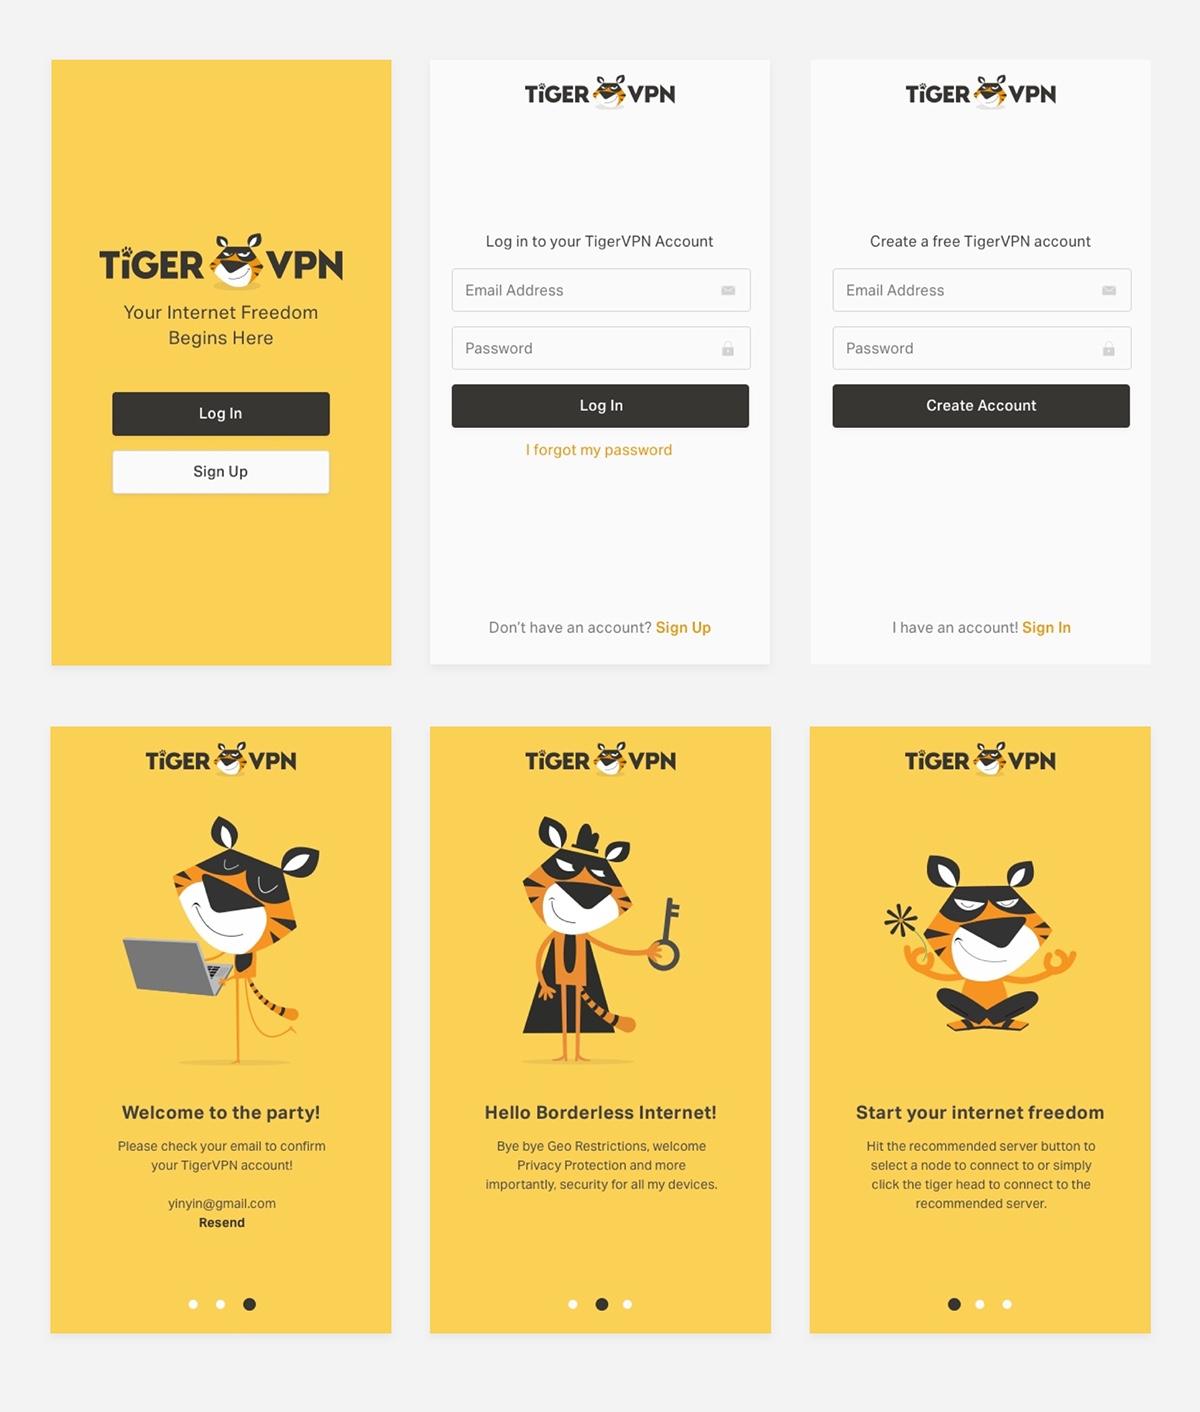 TigerVPN App Redesign on Pantone Canvas Gallery